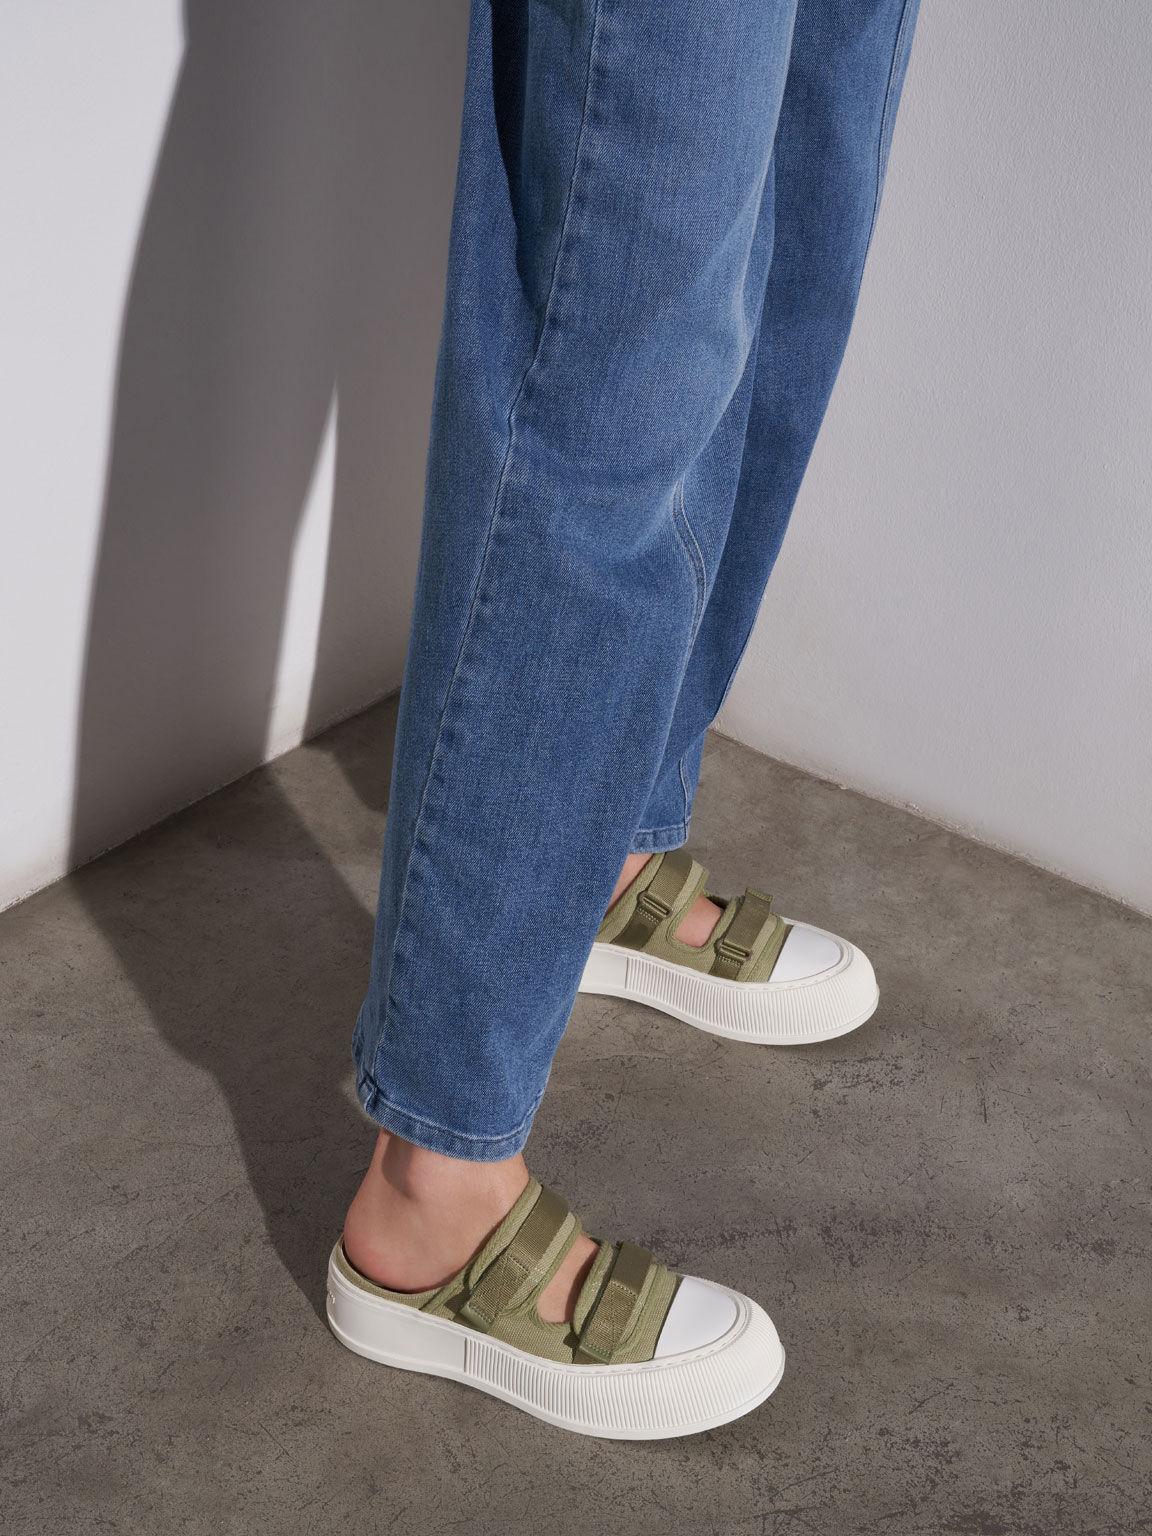 有機棉厚底懶人鞋, 綠色, hi-res